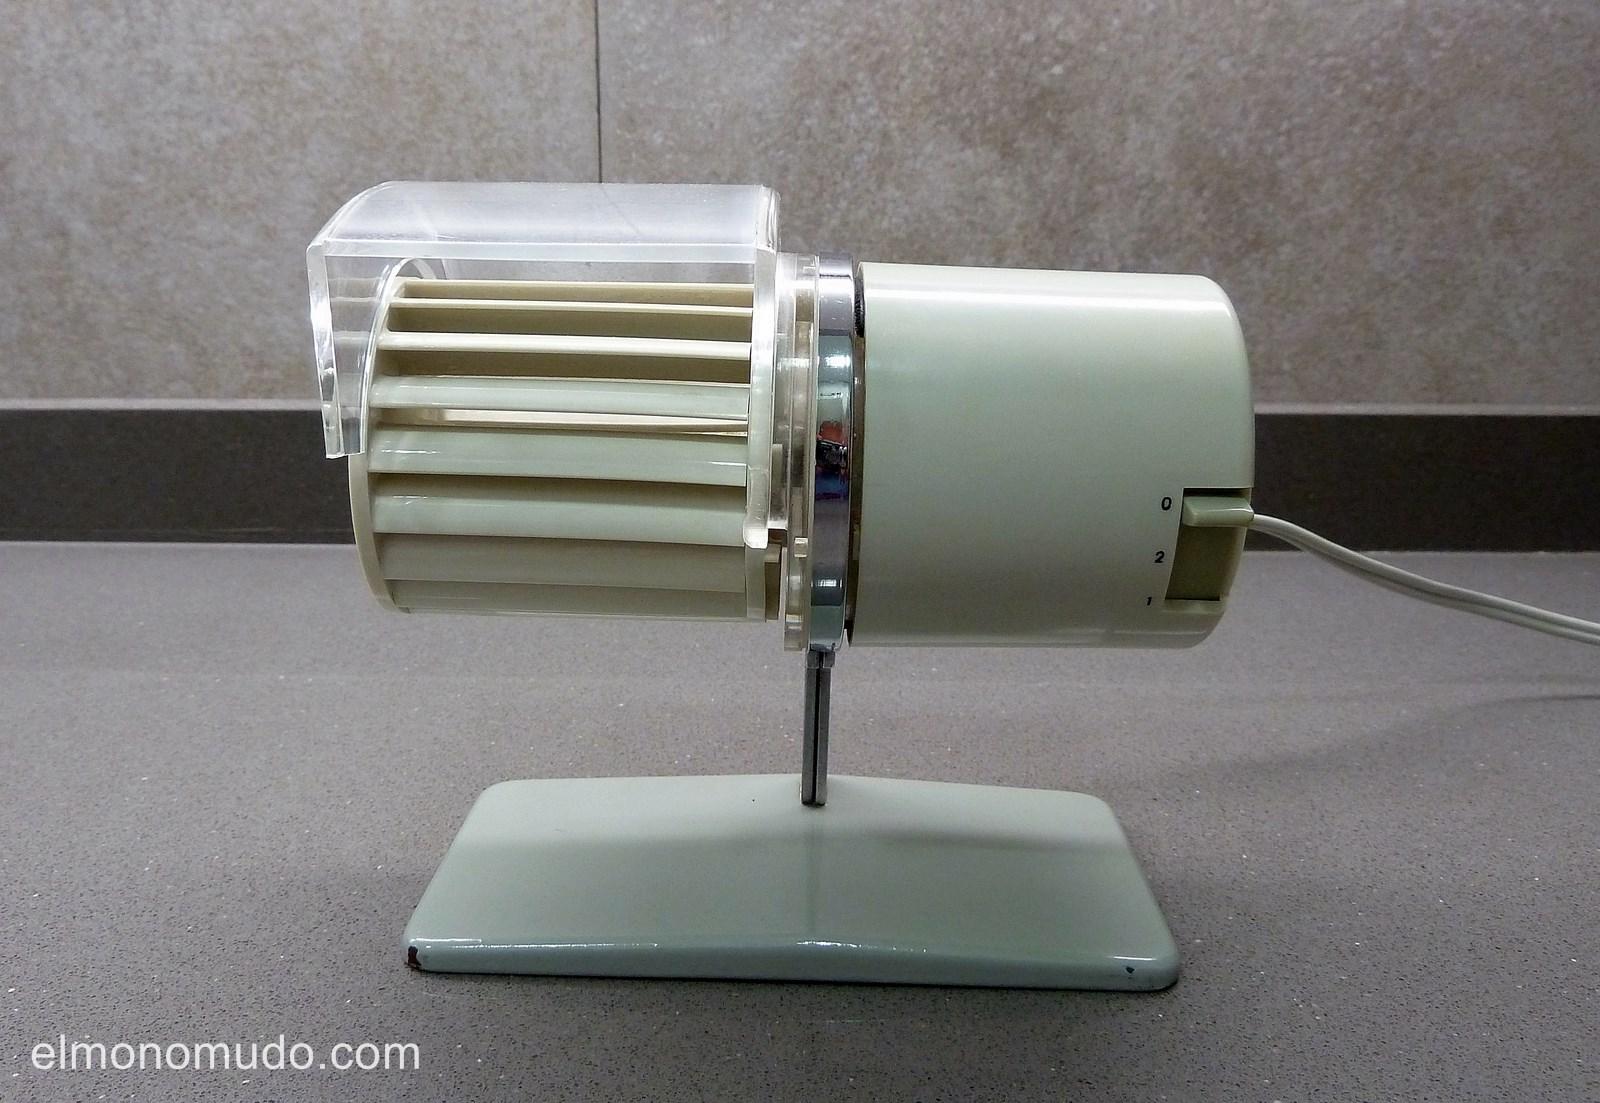 Ventilador de mesa  HL1 de Braun mítico objeto vintage y de diseño